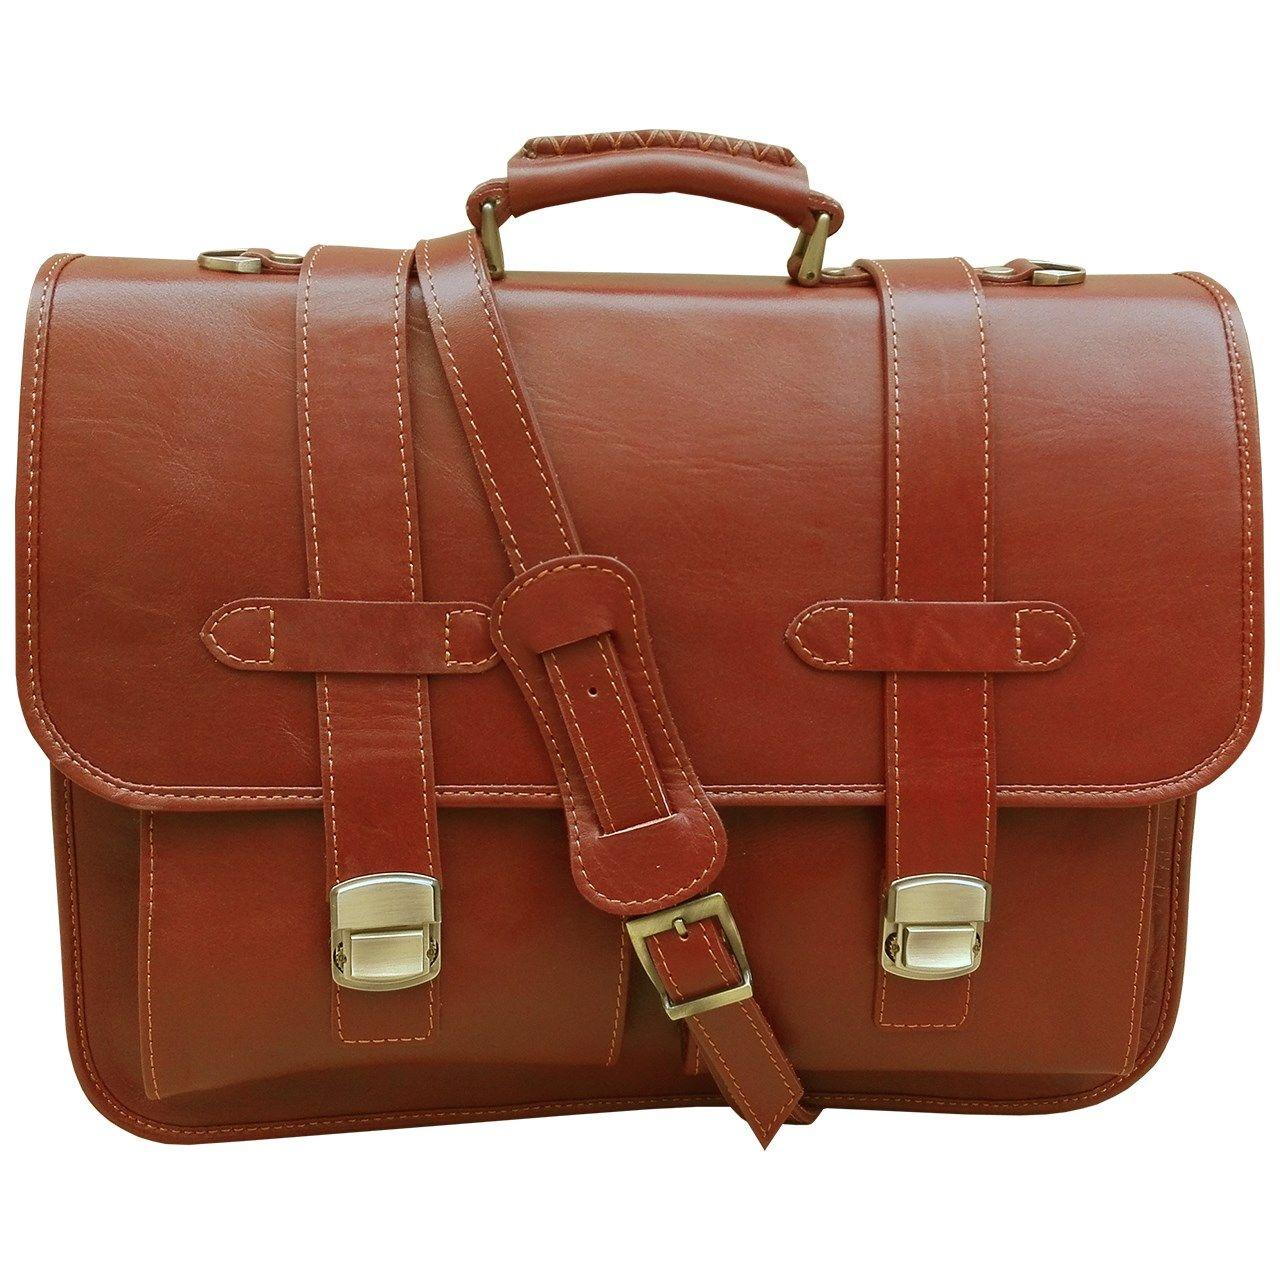 کیف اداری مردانه کد 126 -  - 1